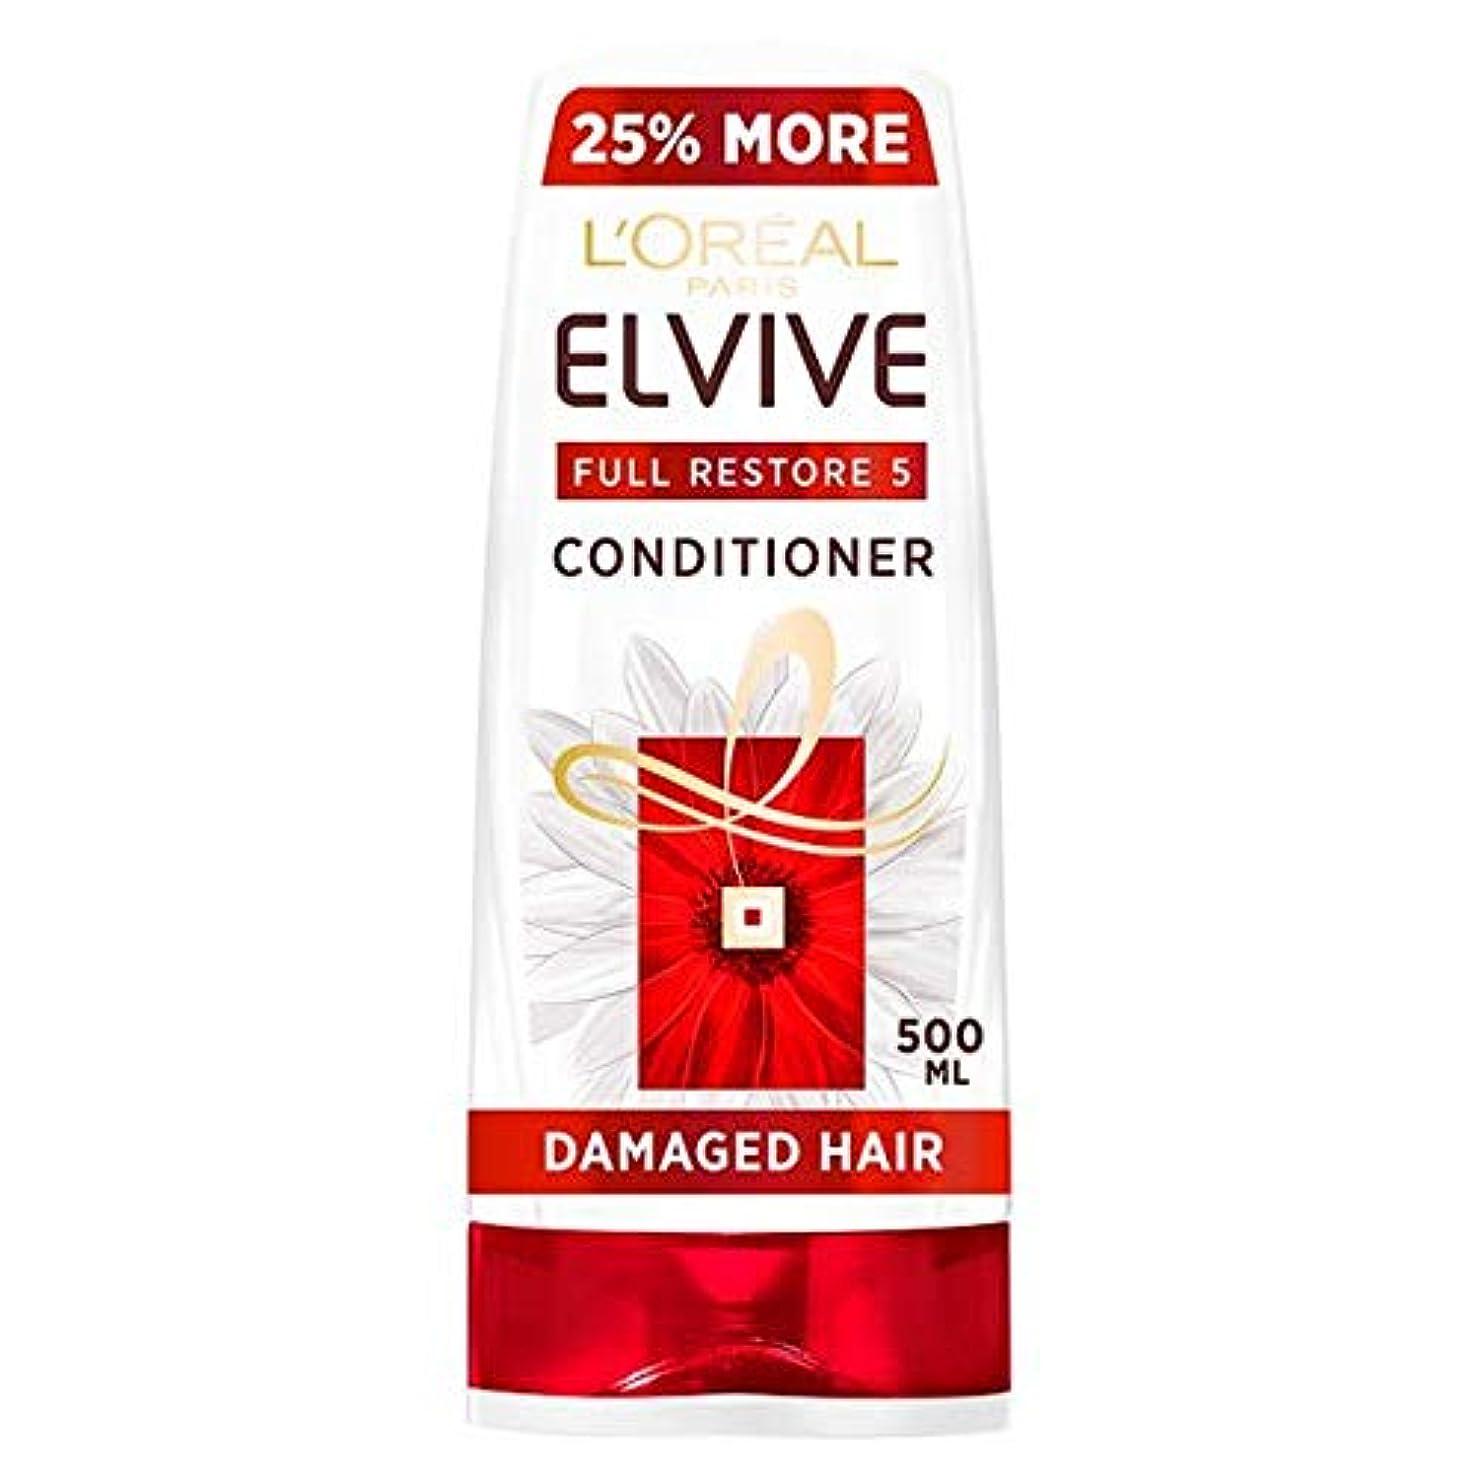 着飾るくしゃみ屋内で[Elvive] ロレアルElvive極度のダメージヘアコンディショナー500ミリリットル - L'oreal Elvive Extreme Damaged Hair Conditioner 500Ml [並行輸入品]